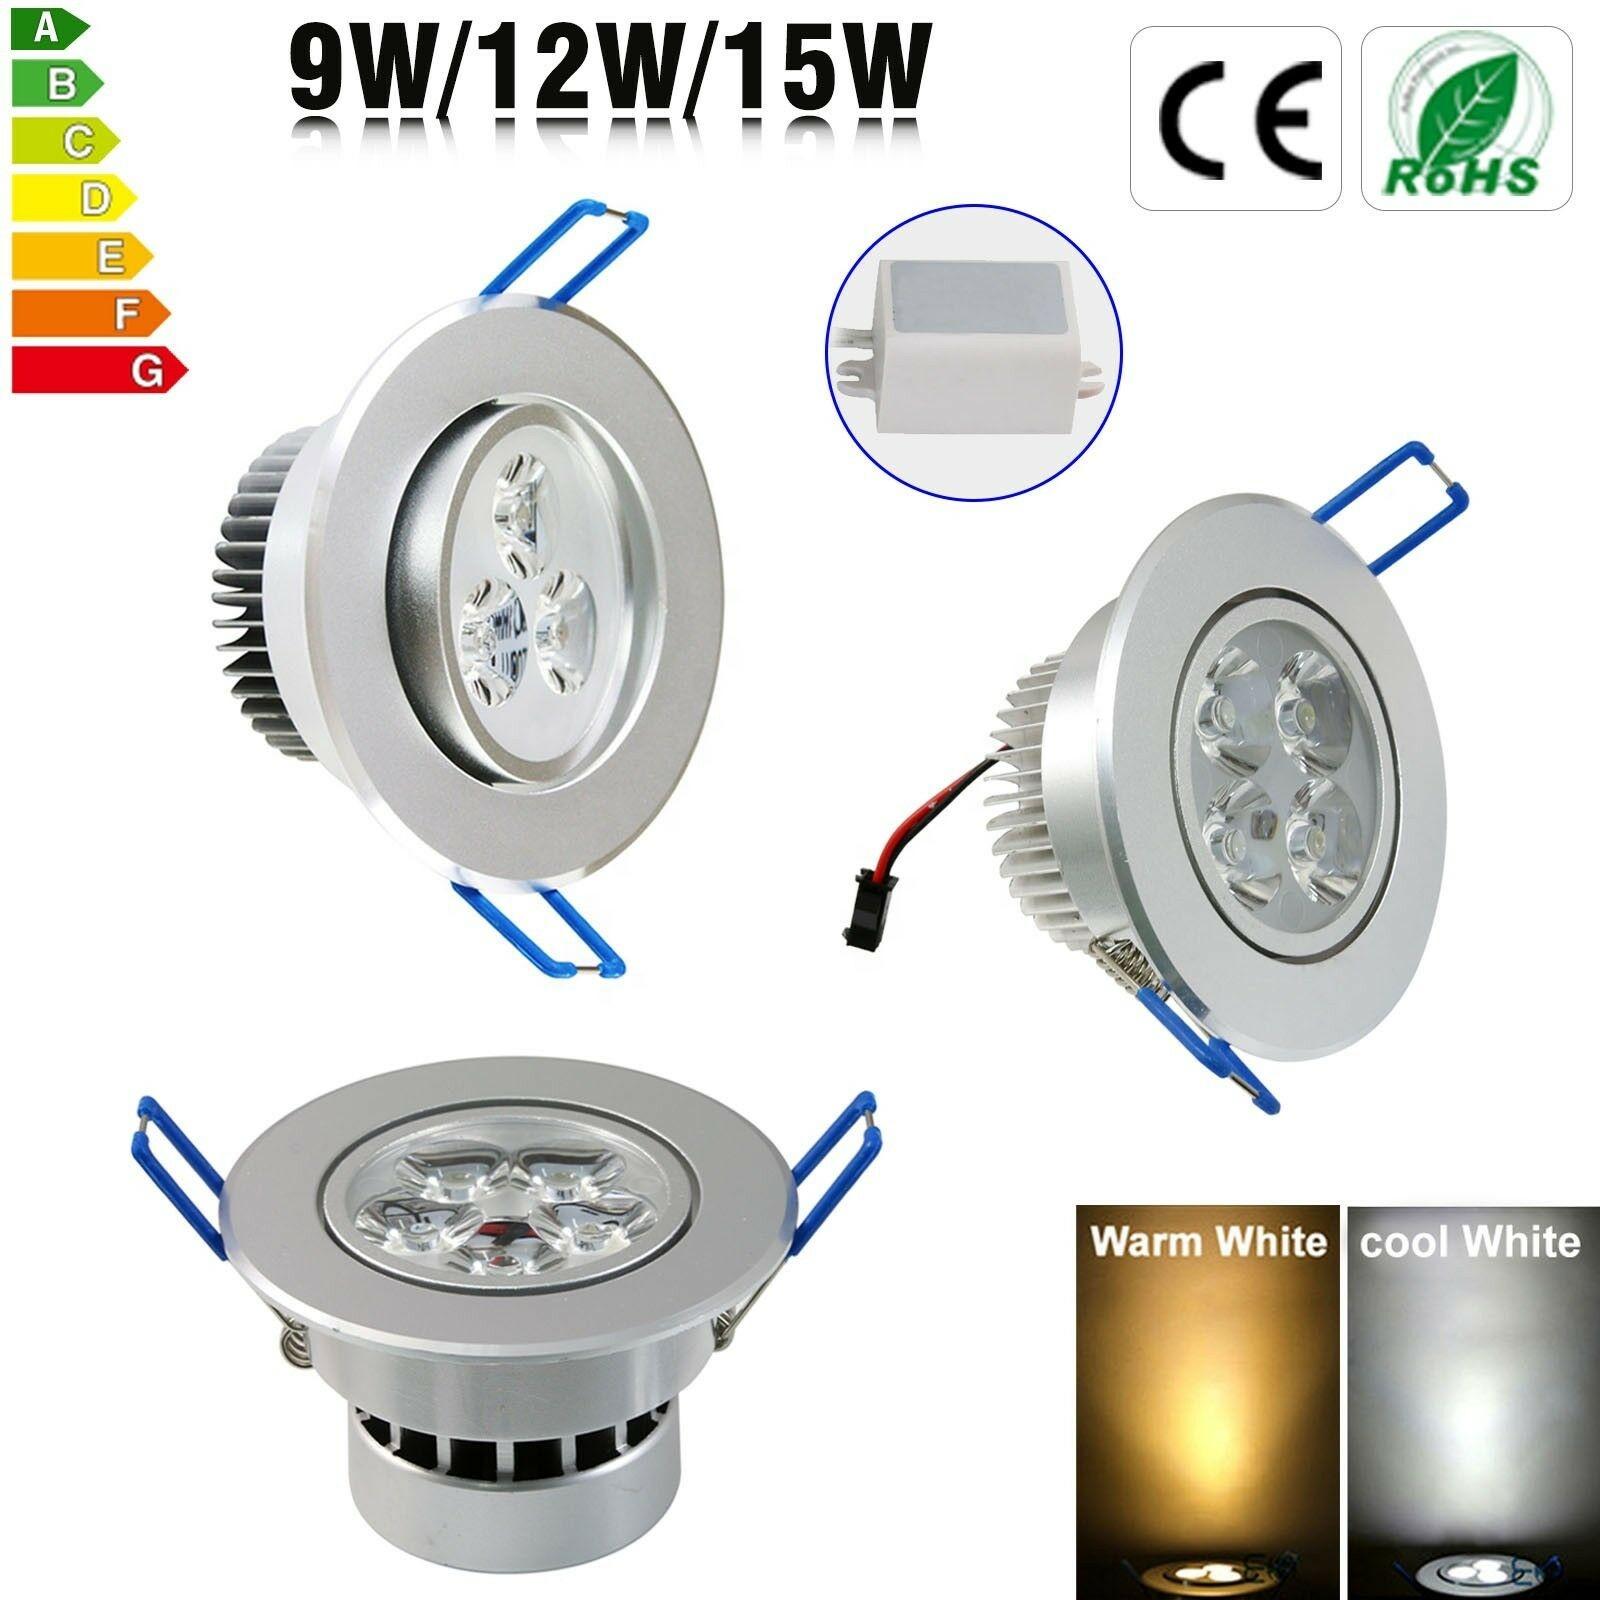 5W Dimmable LED Downlight Spotlight Recessed Ceiling Down Light Bulb Lamp  110v/220v